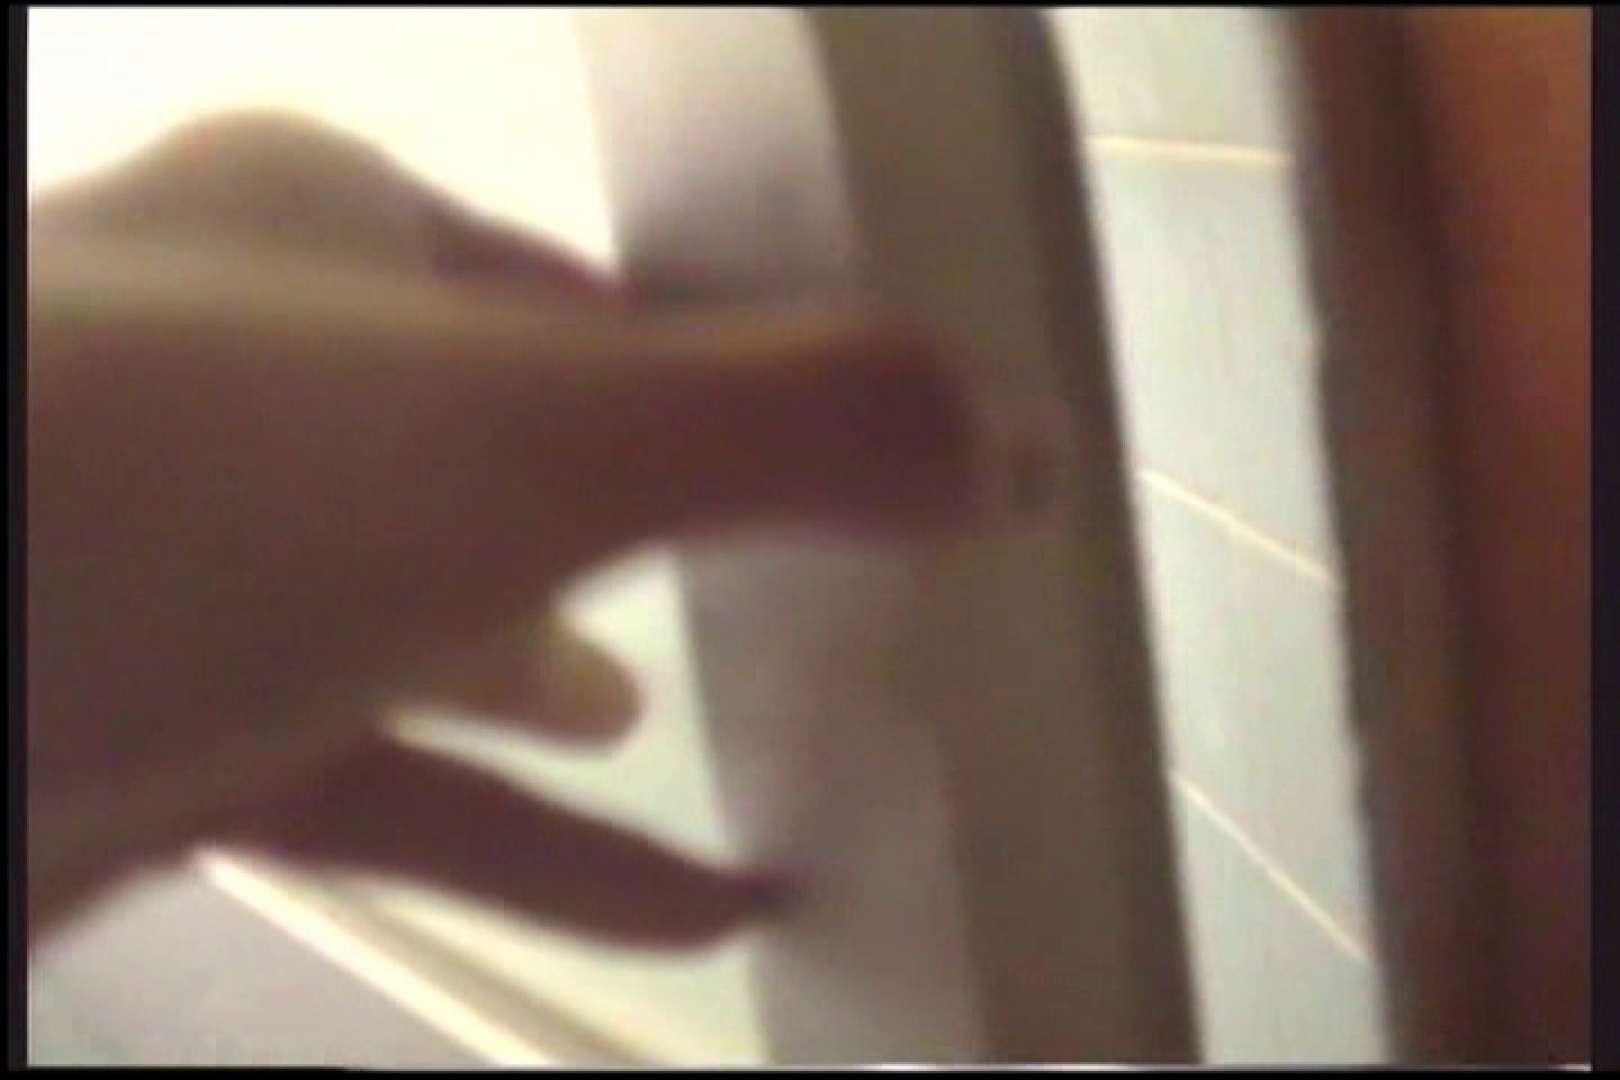 体育会系男子の銭湯合宿を覗いてみようvol.01 ガチムチマッチョ系 ゲイエロ画像 91連発 35